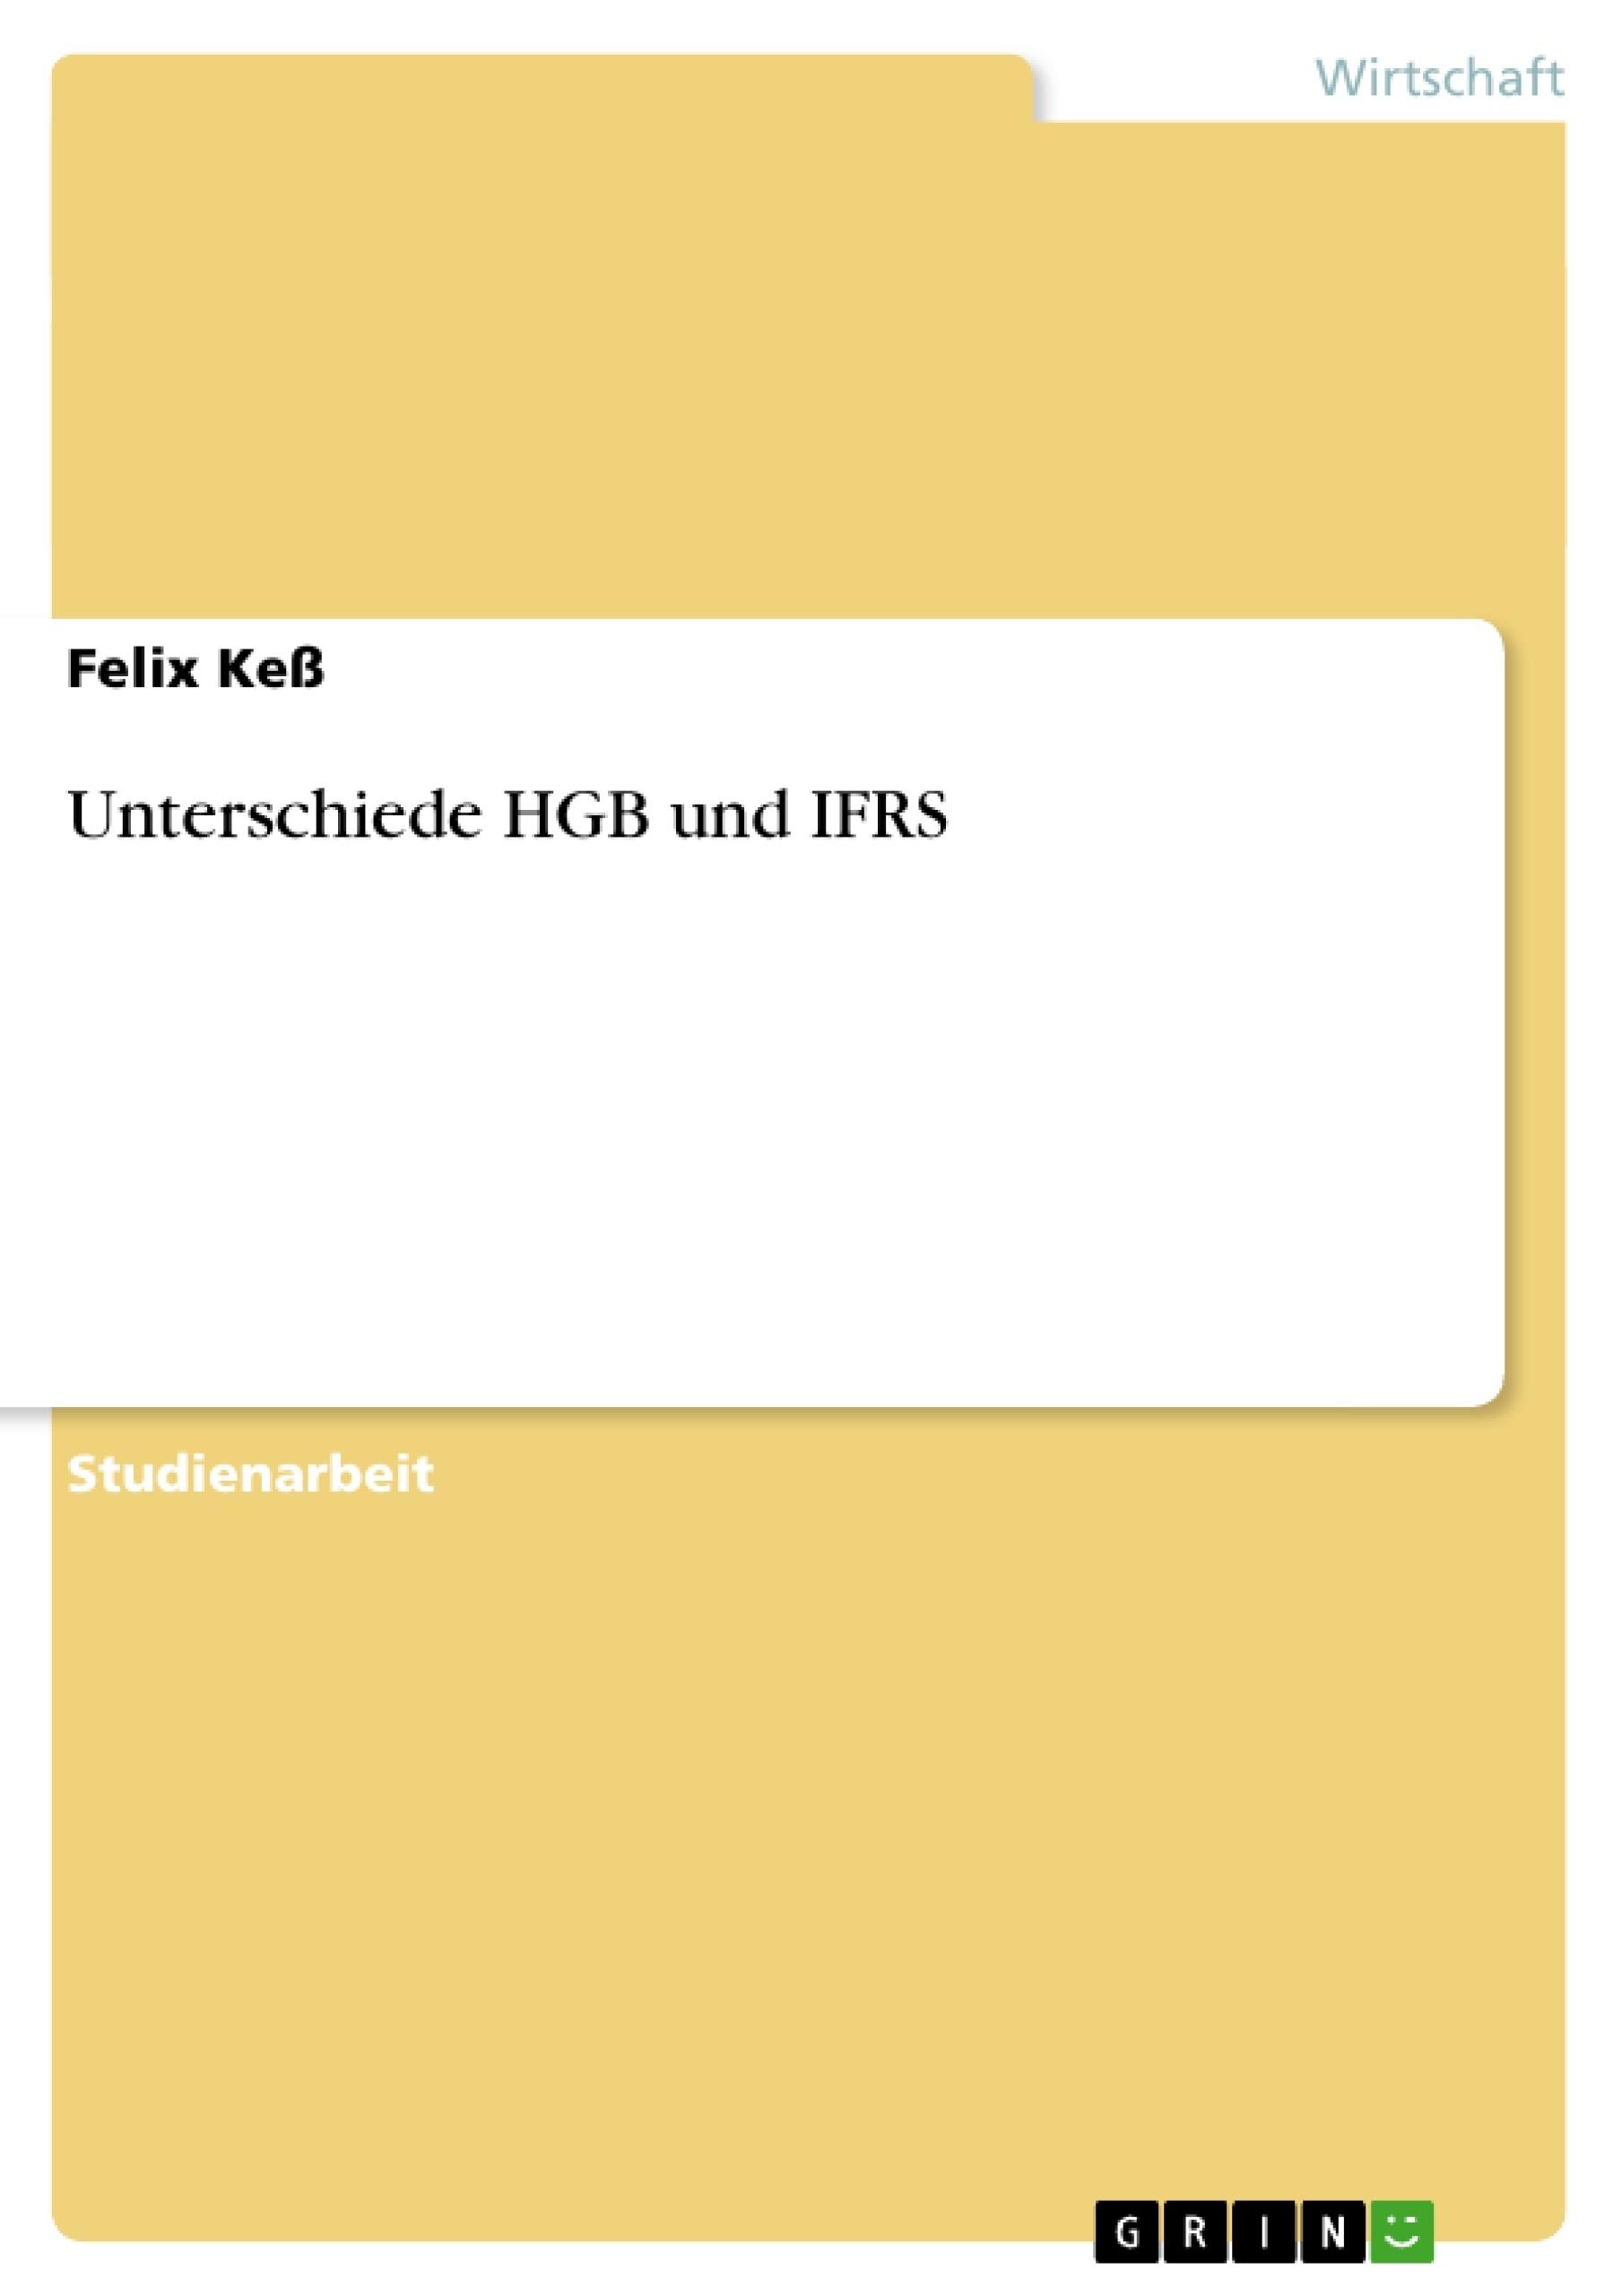 Titel: Unterschiede HGB und IFRS